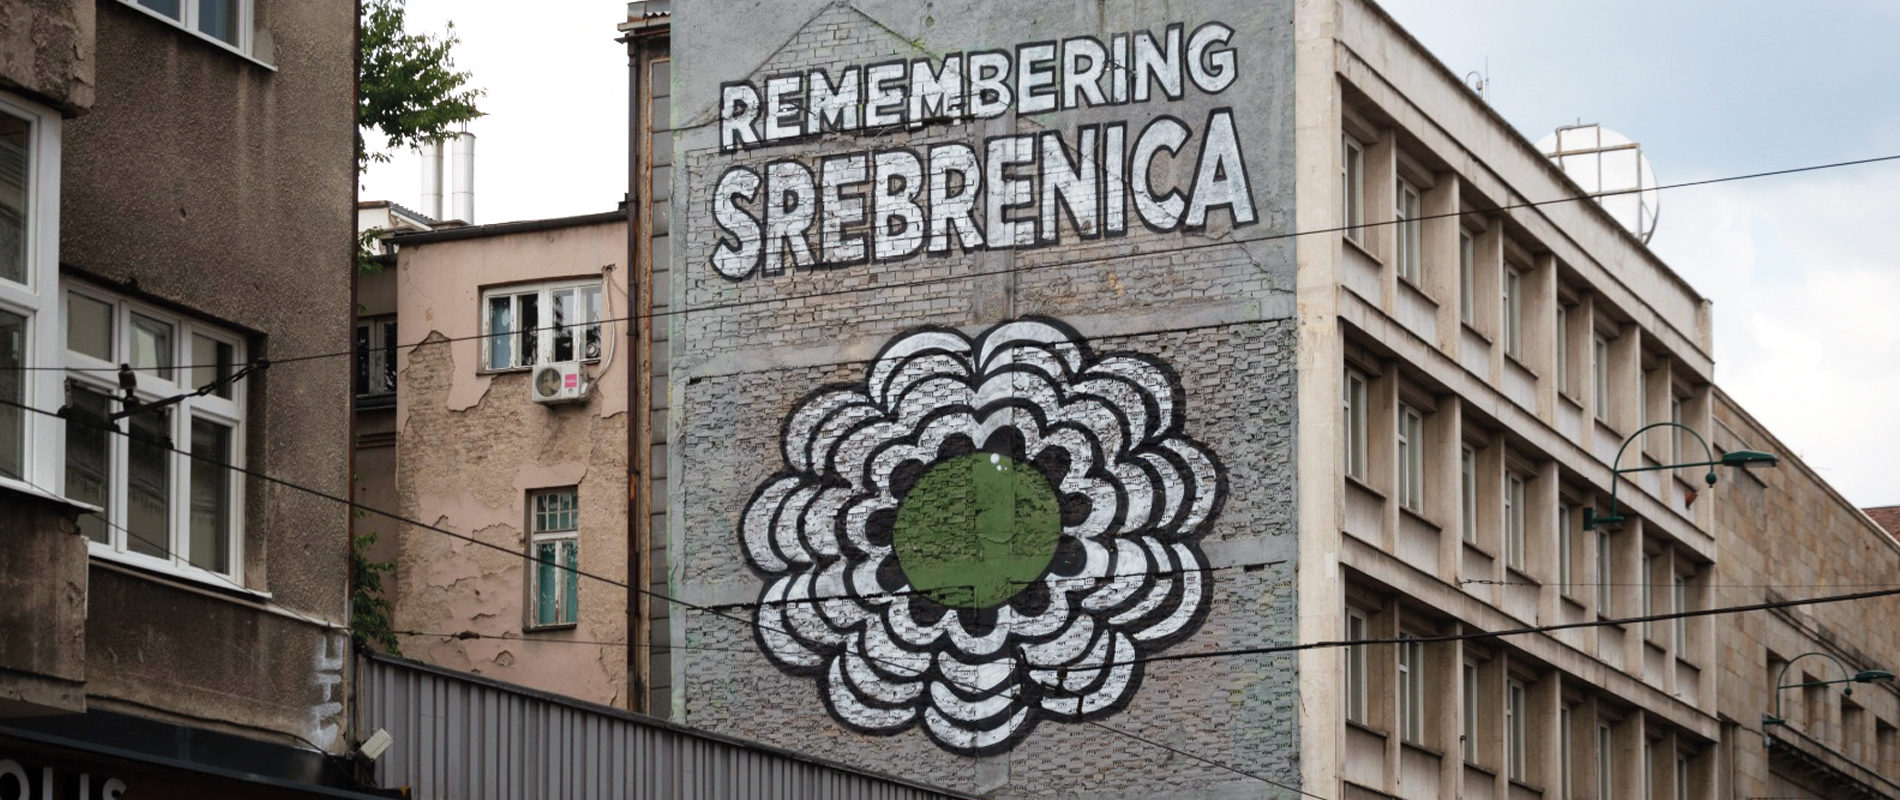 Minnen från Bosnien